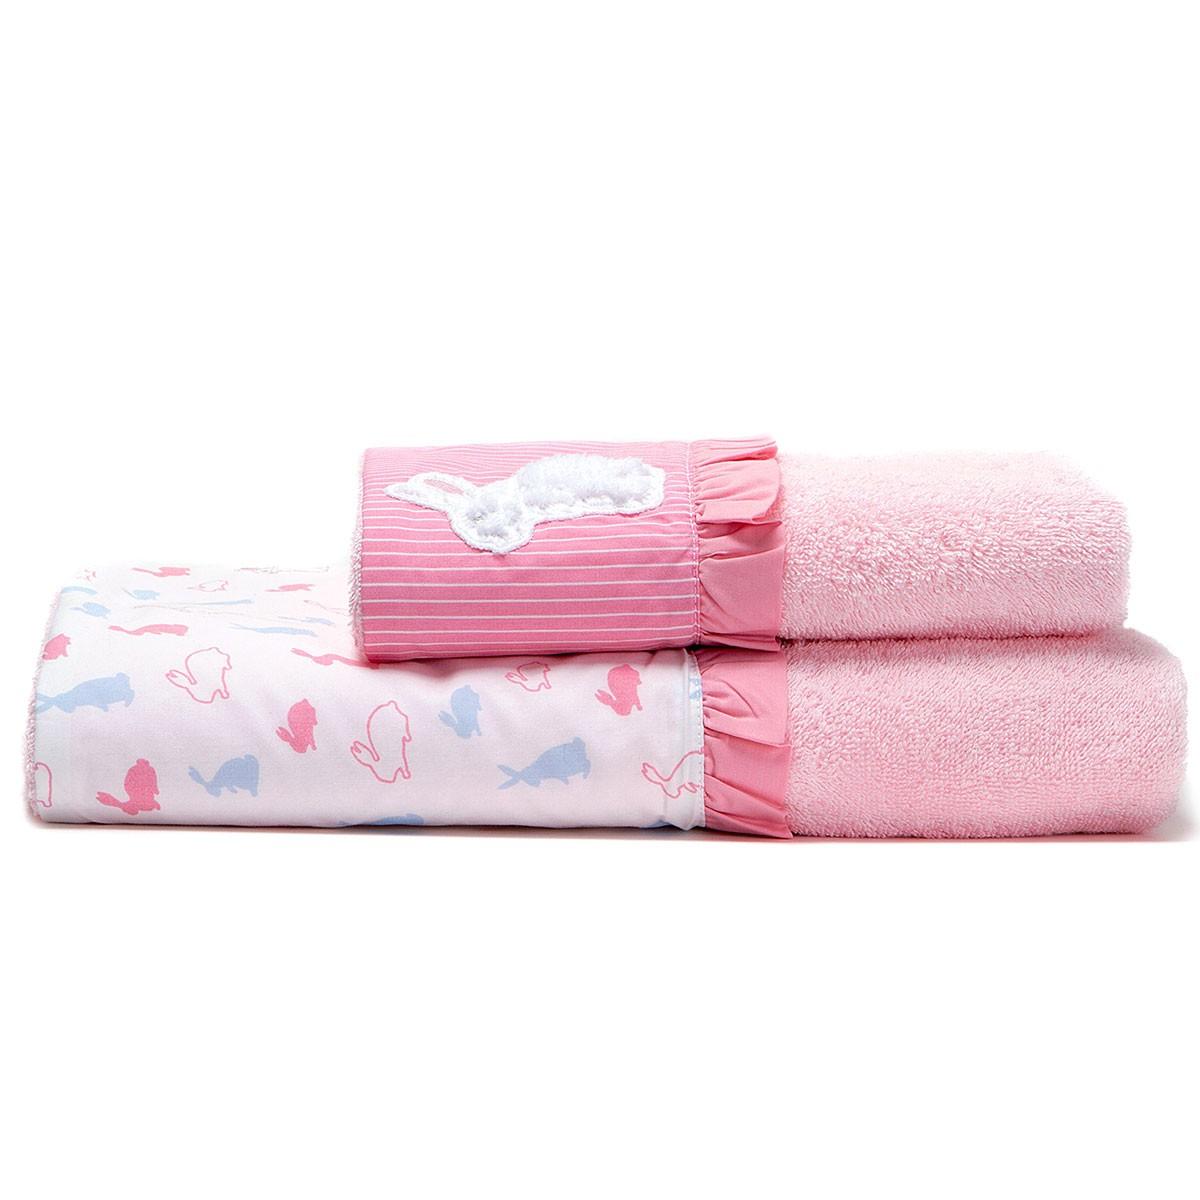 Βρεφικές Πετσέτες (Σετ 2τμχ) Laura Ashley Bunny Rabbit